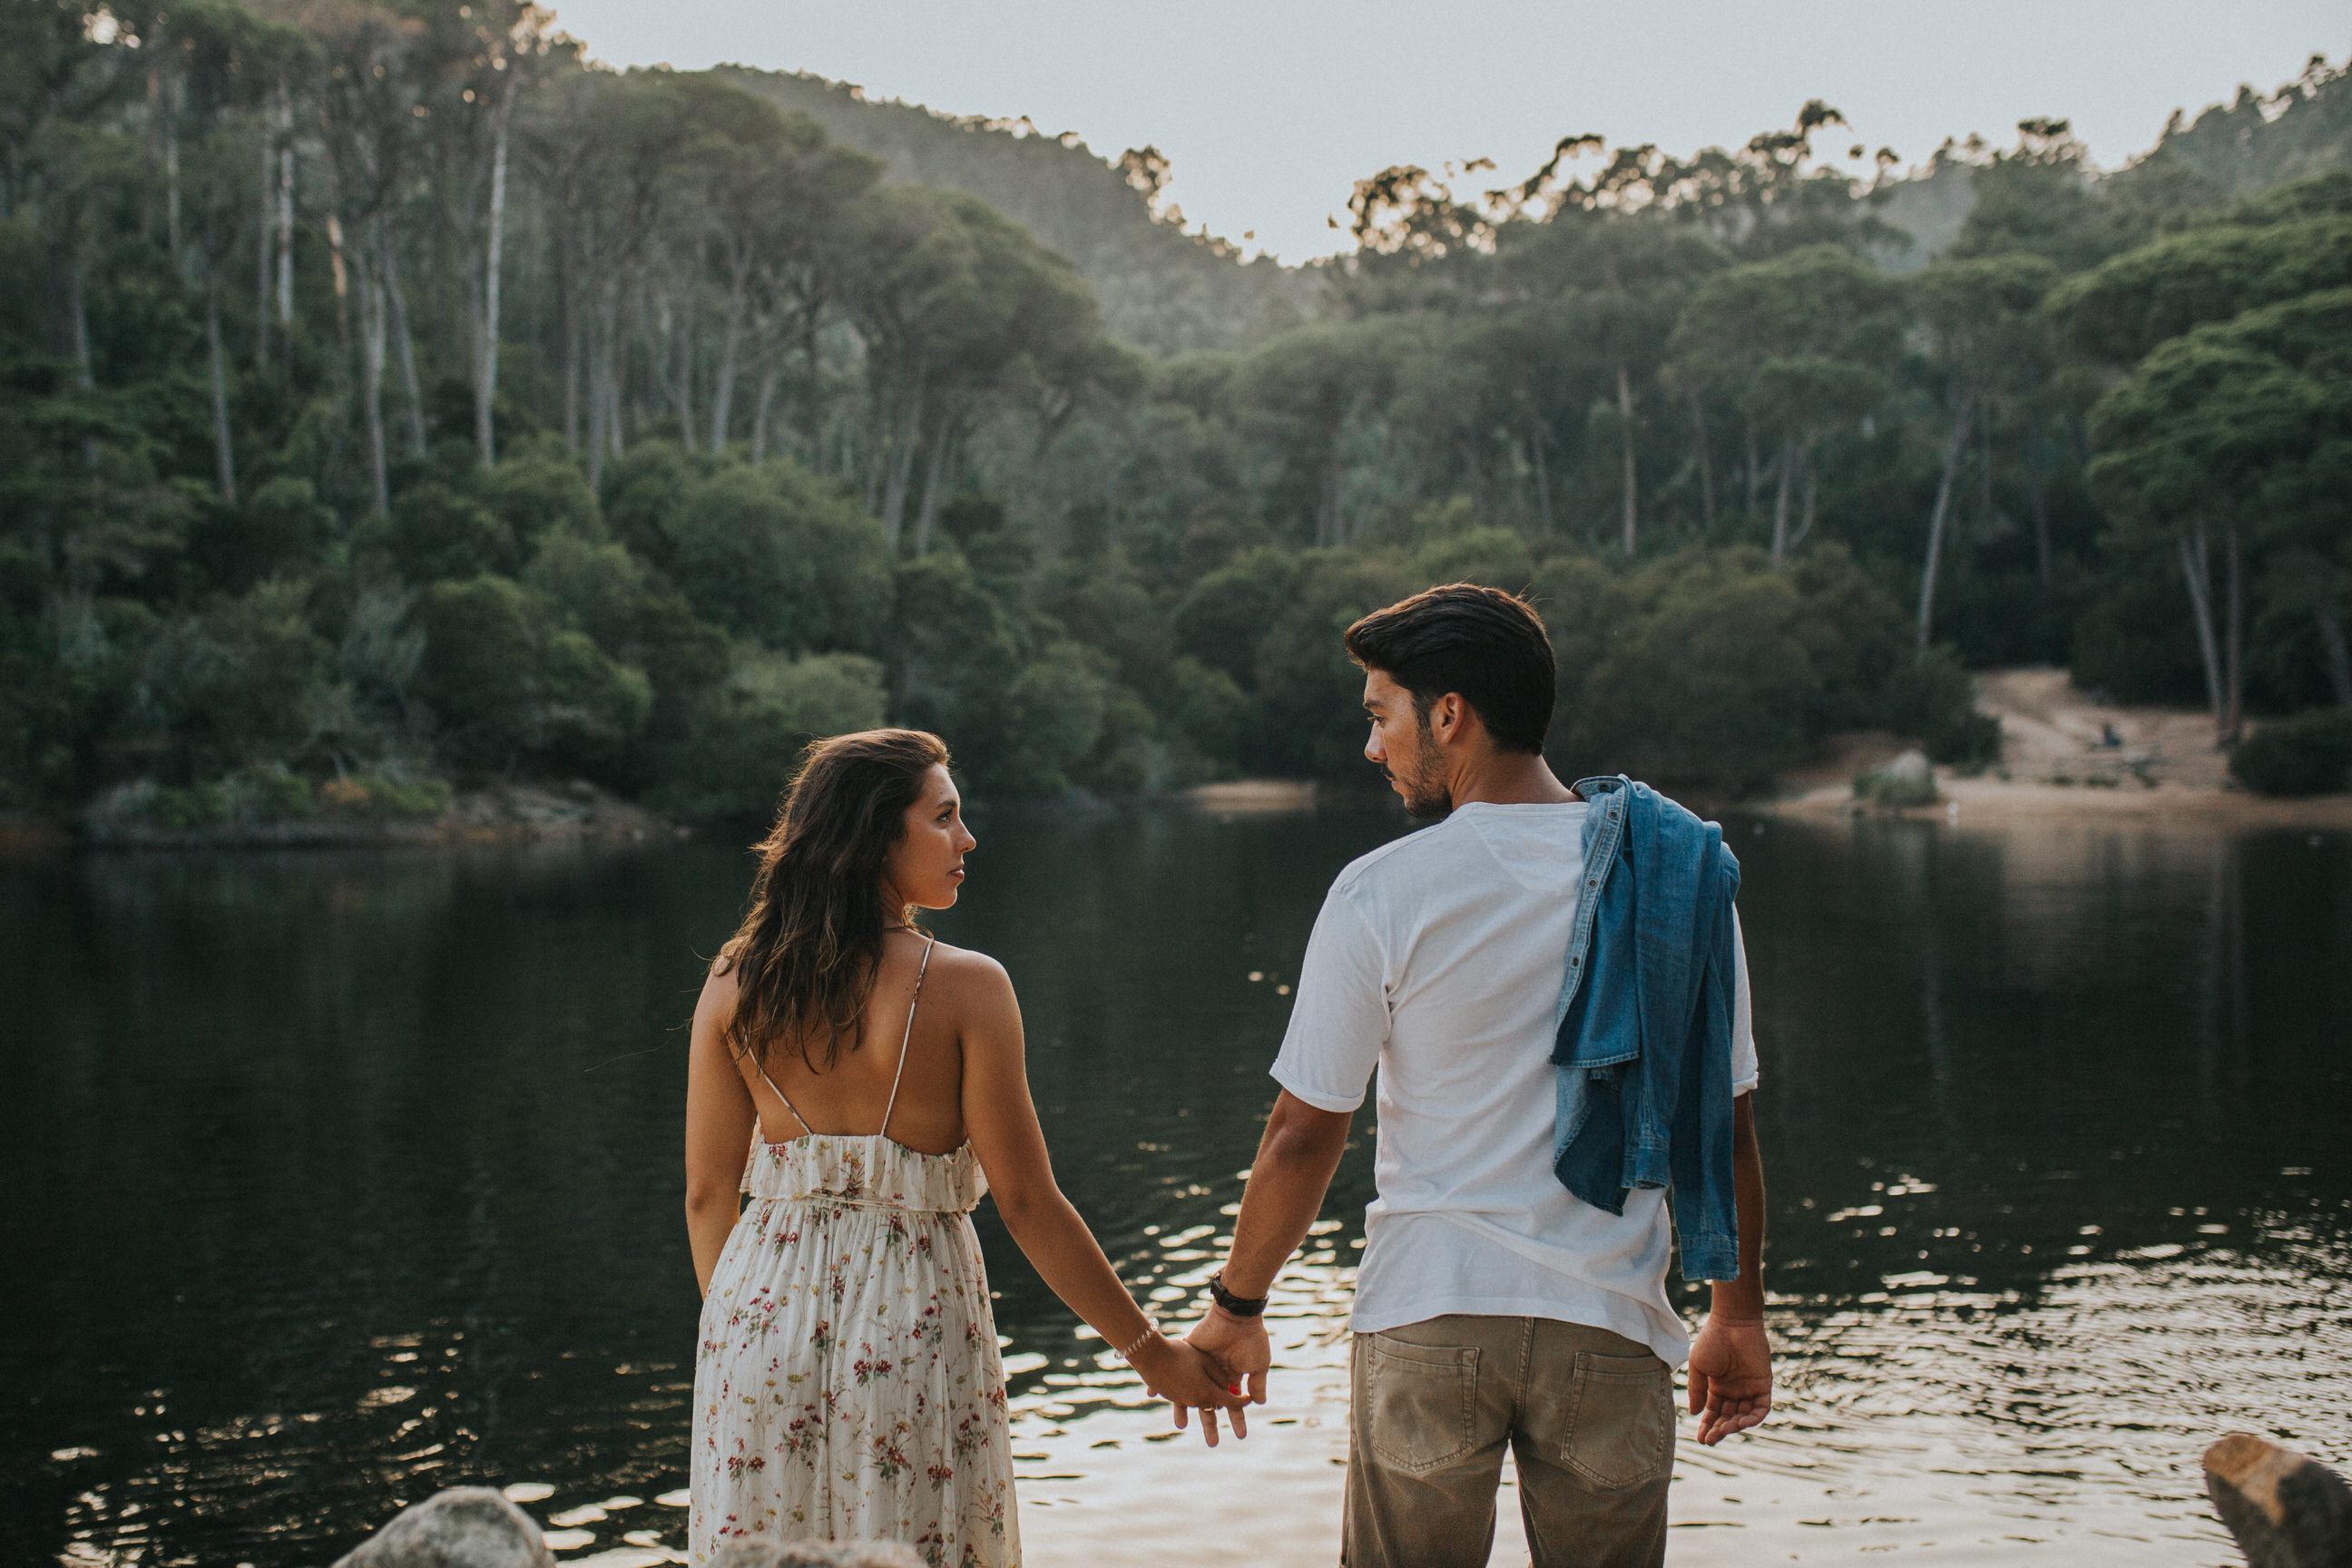 28 Cristiana&André-engagement-love-session-solteiros-noivado-foto-natural-Filipe-Santiago-Fotografia-Lisboa-Sintra-Mafra-Malveira-Torres-Vedras-Fotografos-preços